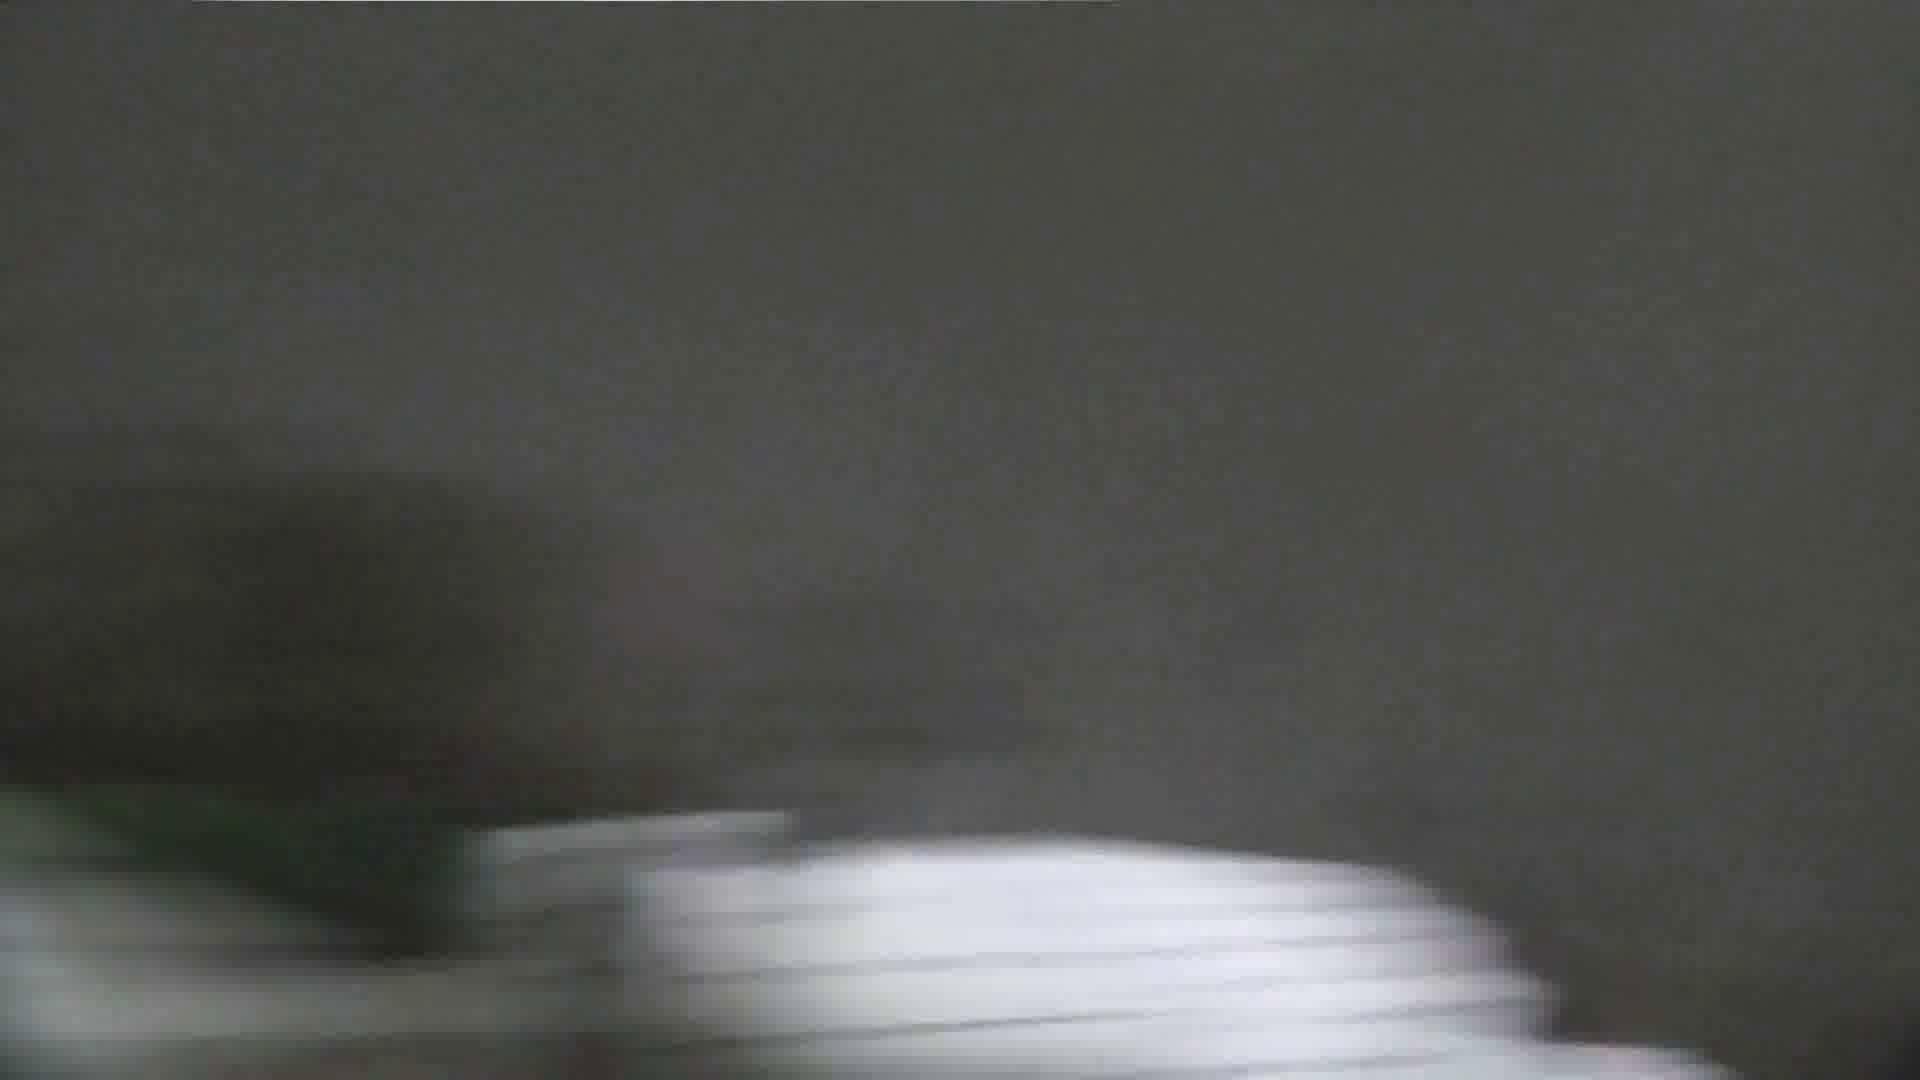 【美しき個室な世界】 vol.025 メガネ属性ヾ(´∀`)ノ 洗面所 AV動画キャプチャ 94pic 11